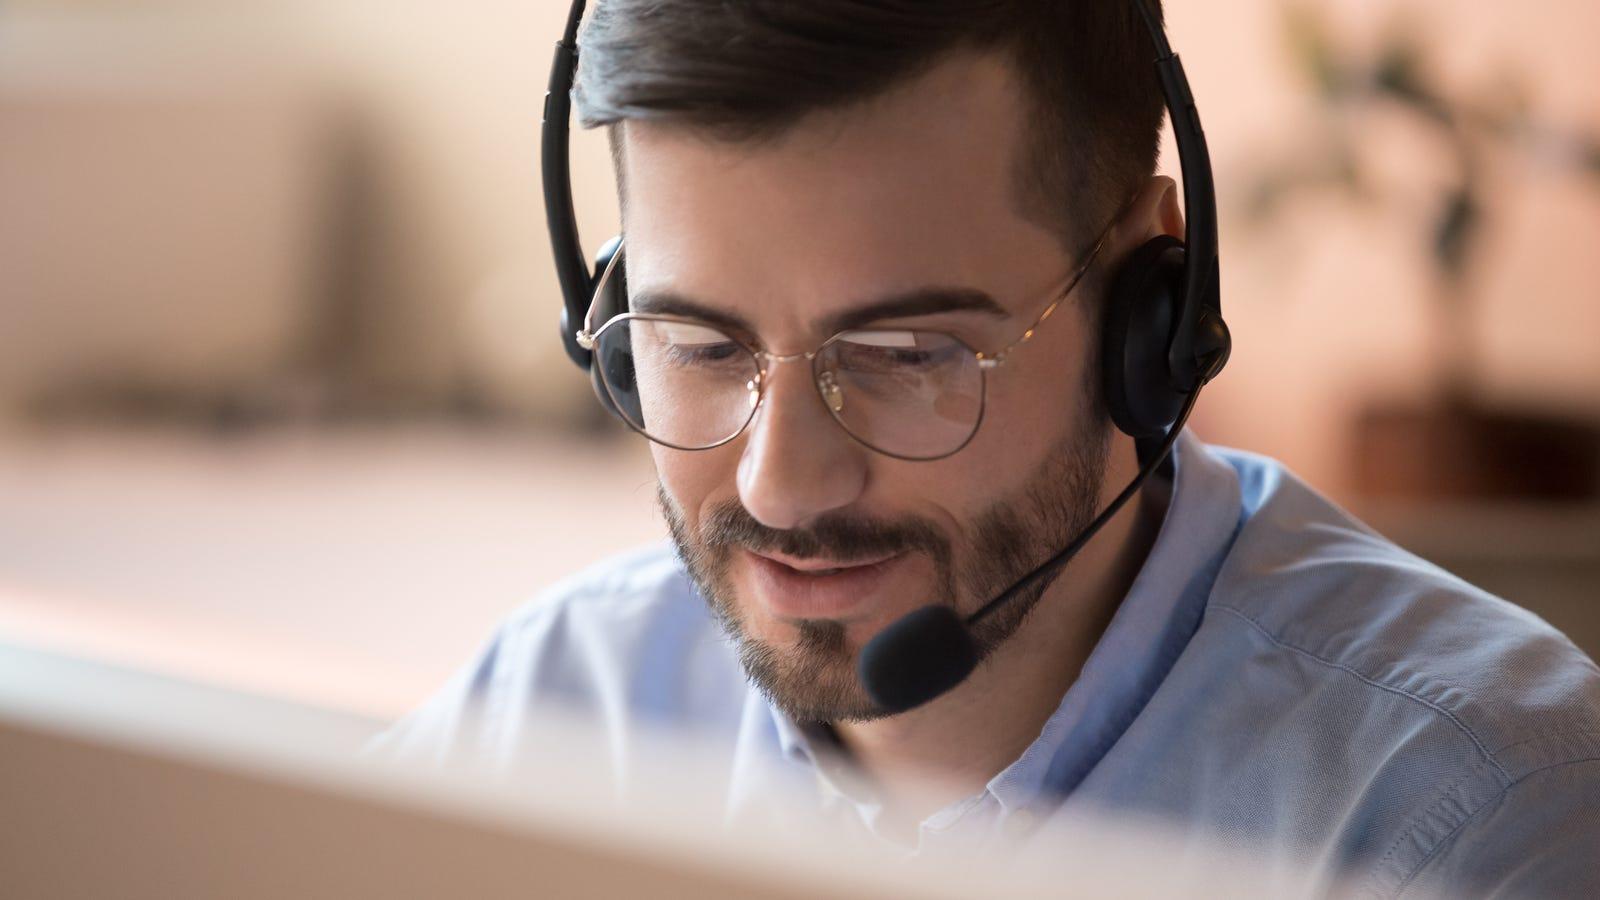 Человек, носящий гарнитуру во время использования компьютера